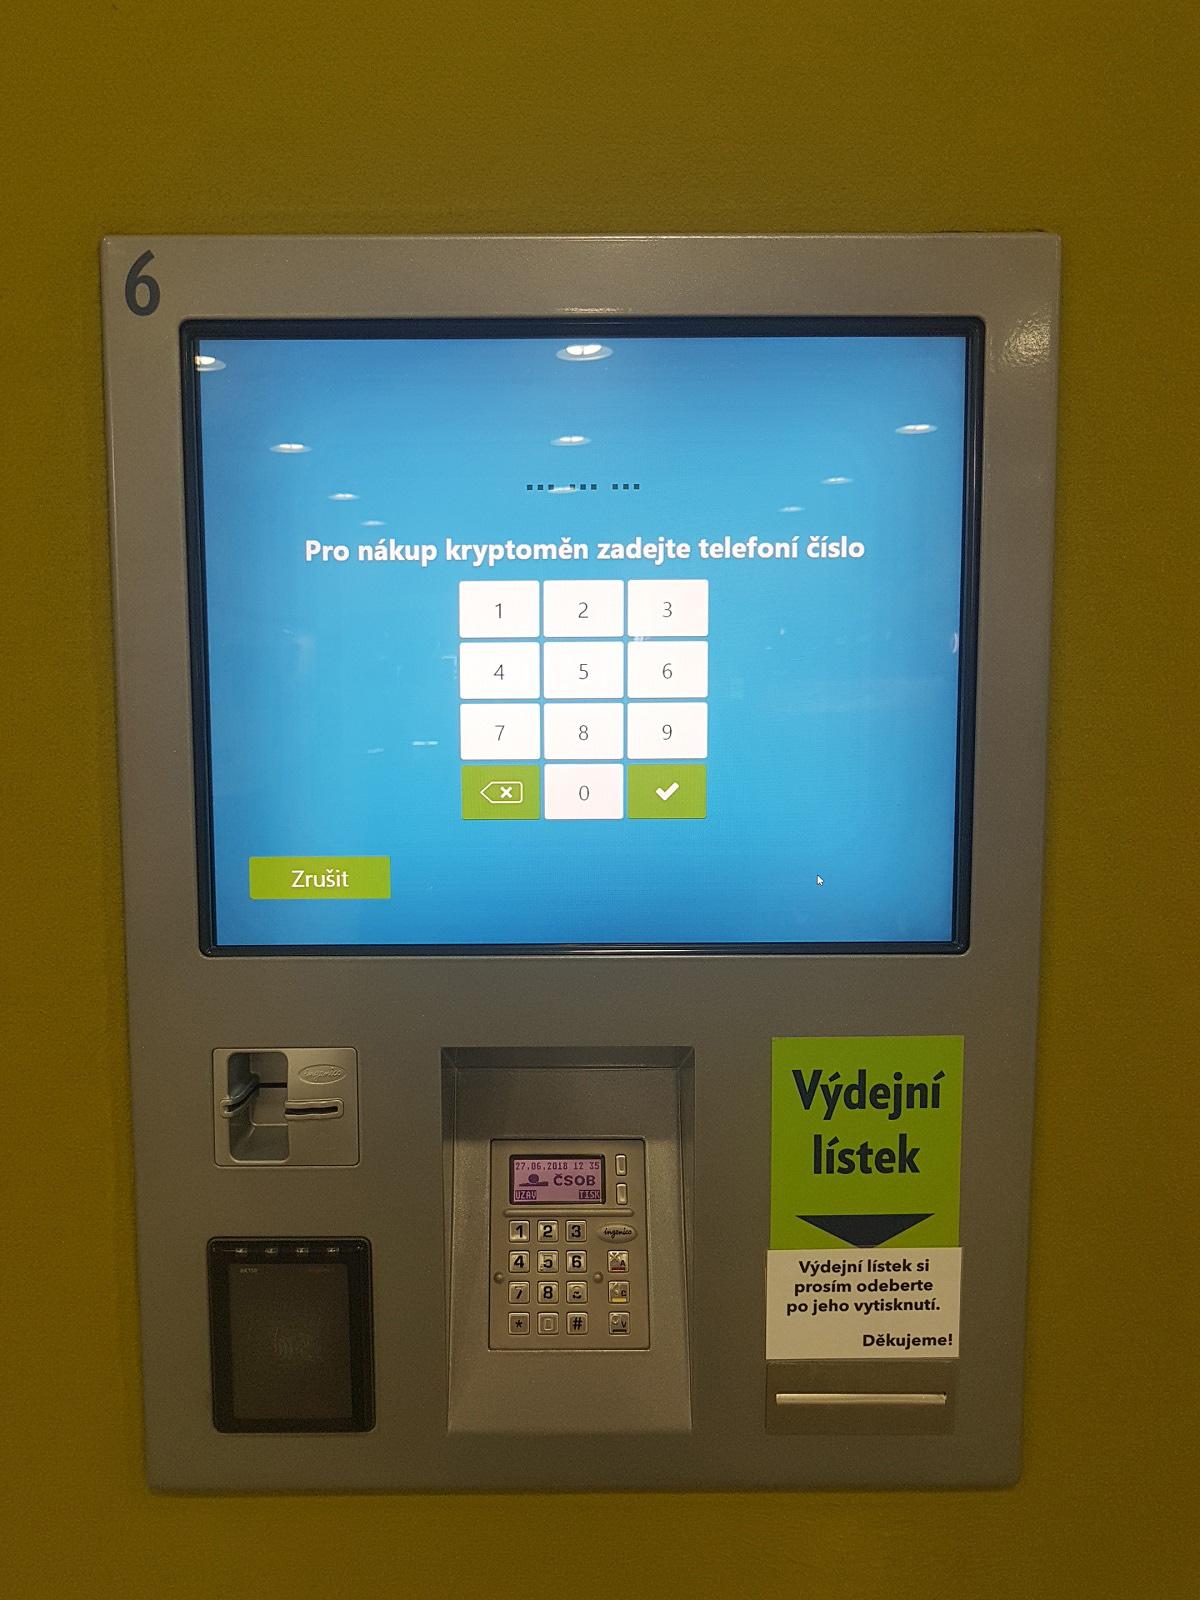 Nákup kryptoměn prostřednictvím platebního terminálu